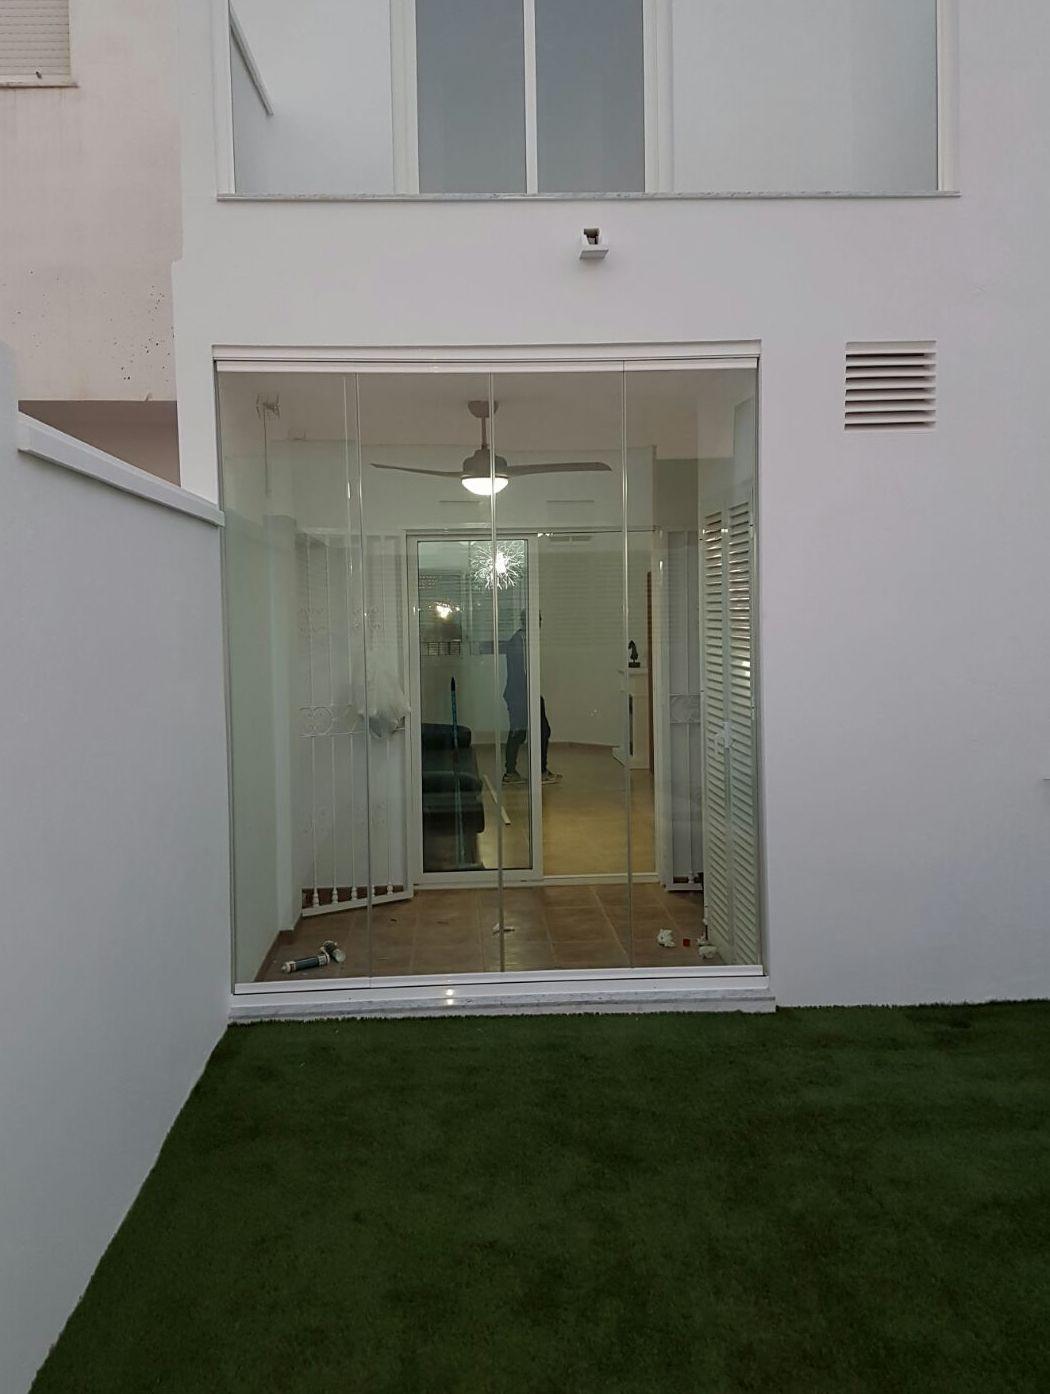 Foto 68 de Cerramientos y techos de cristal en El Ejido | Acristalamientos Diansa